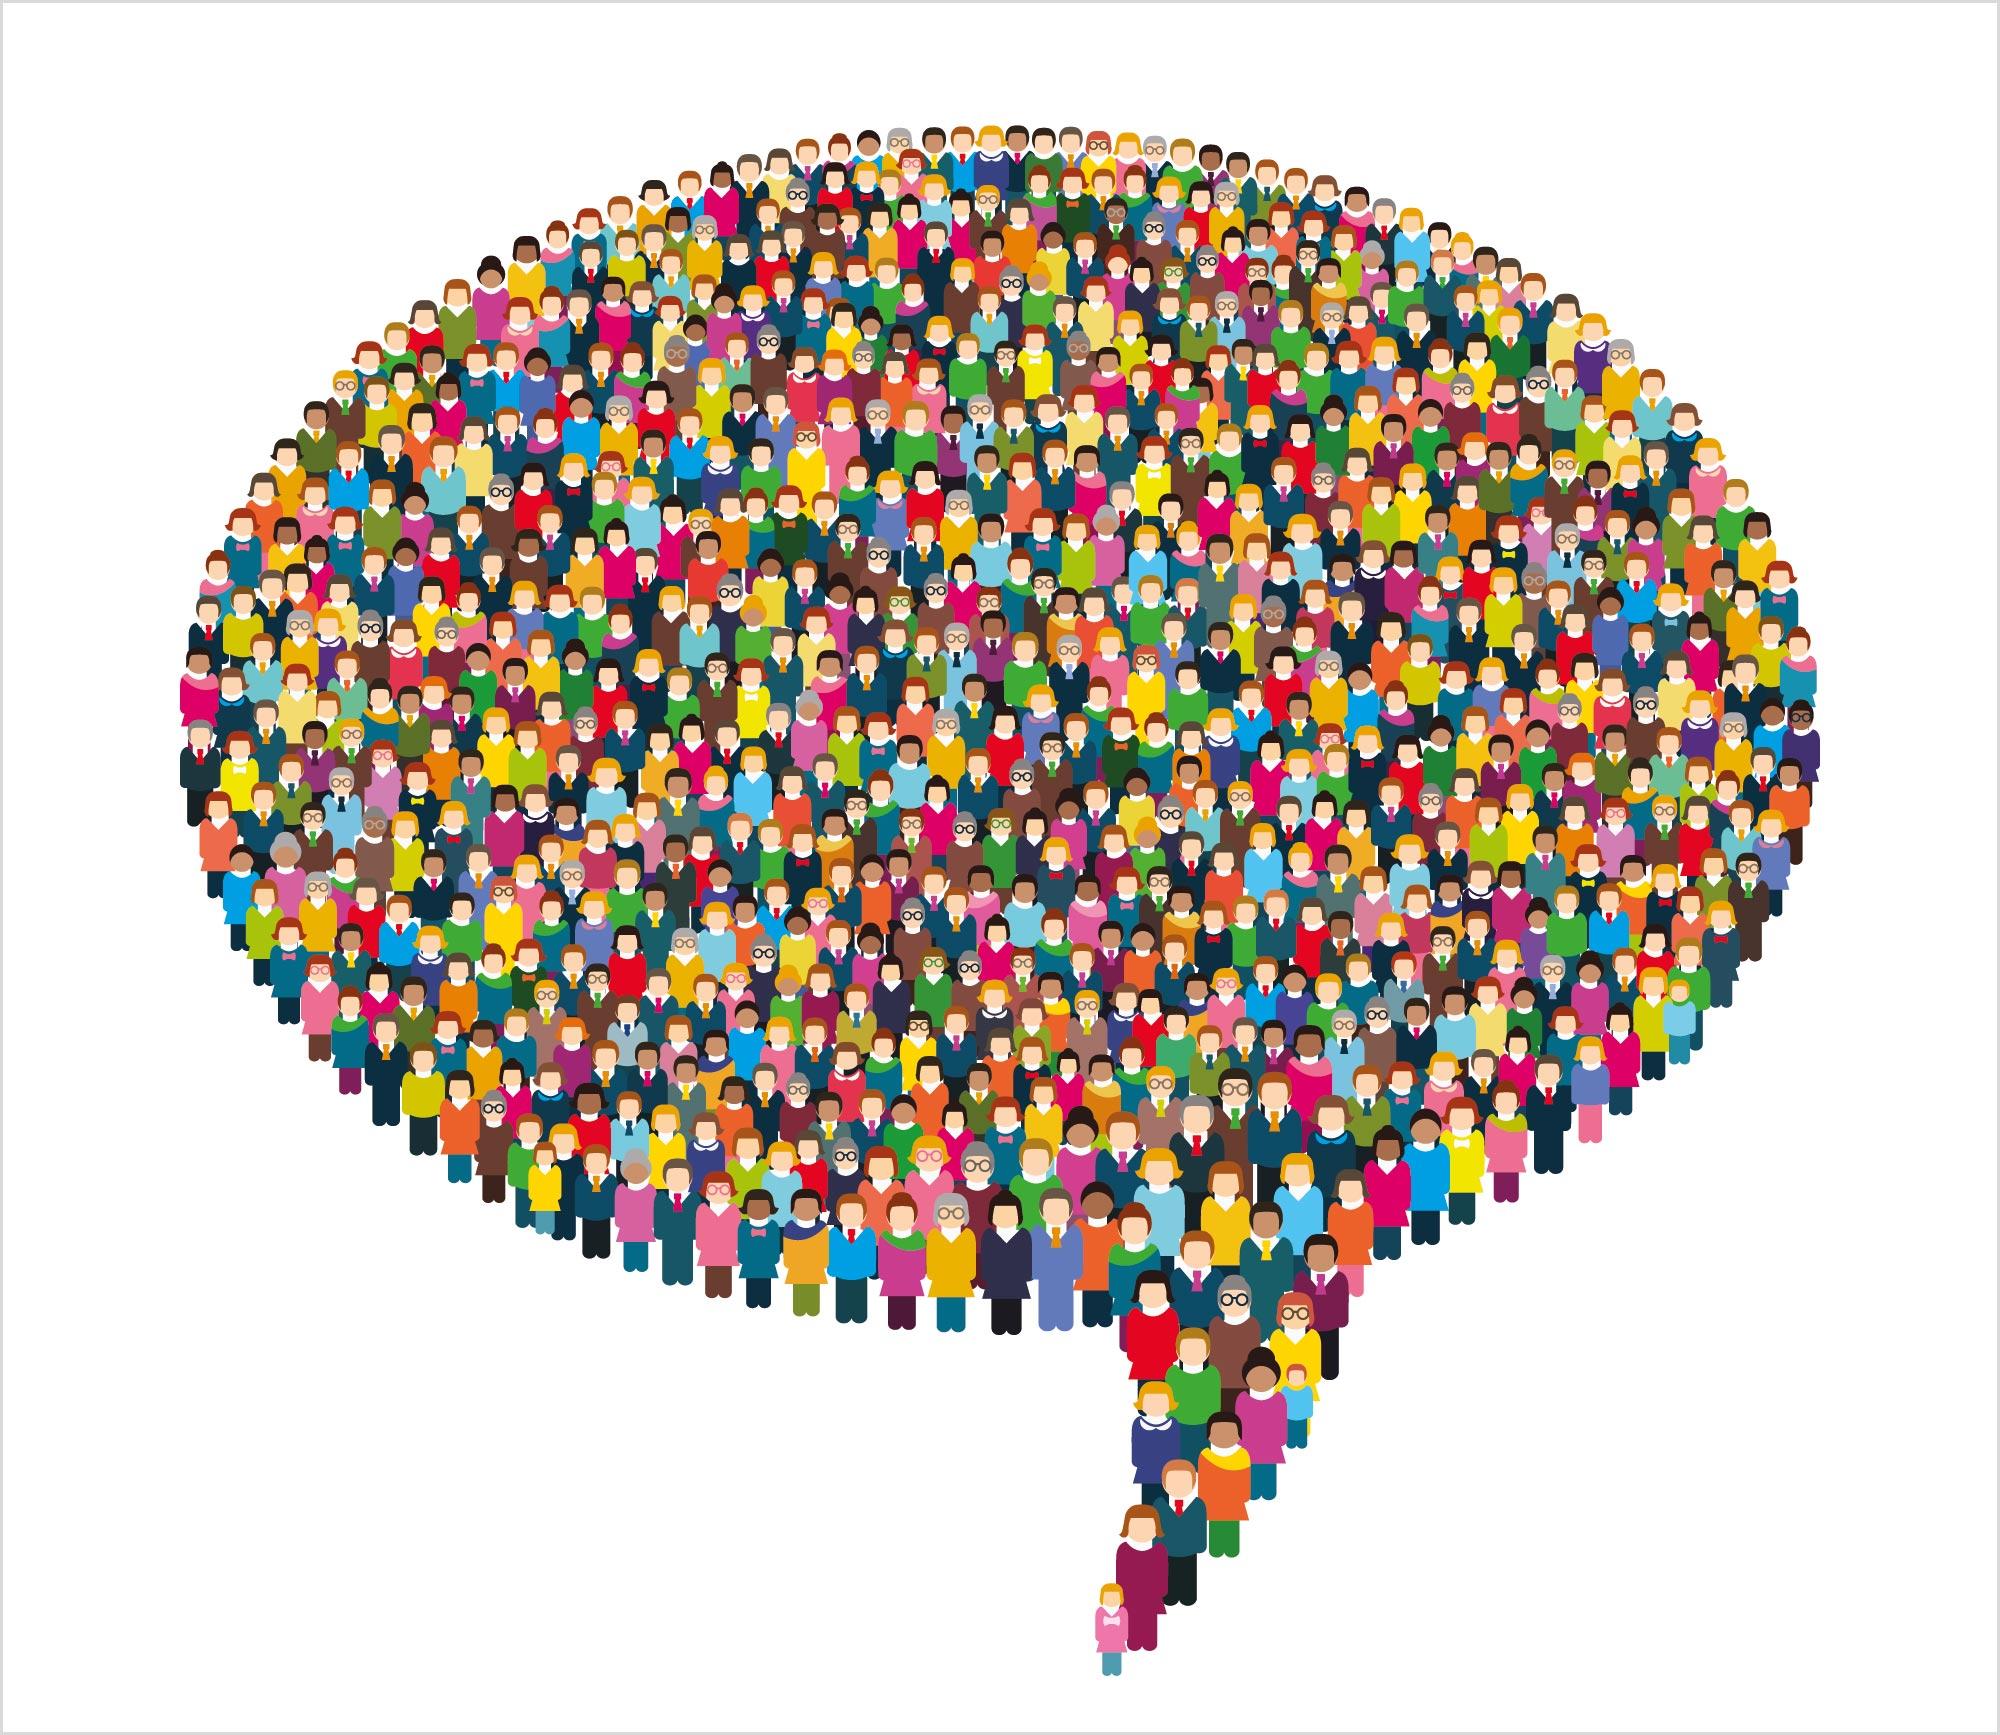 group-of-people-in-shape-of-speech-bubble